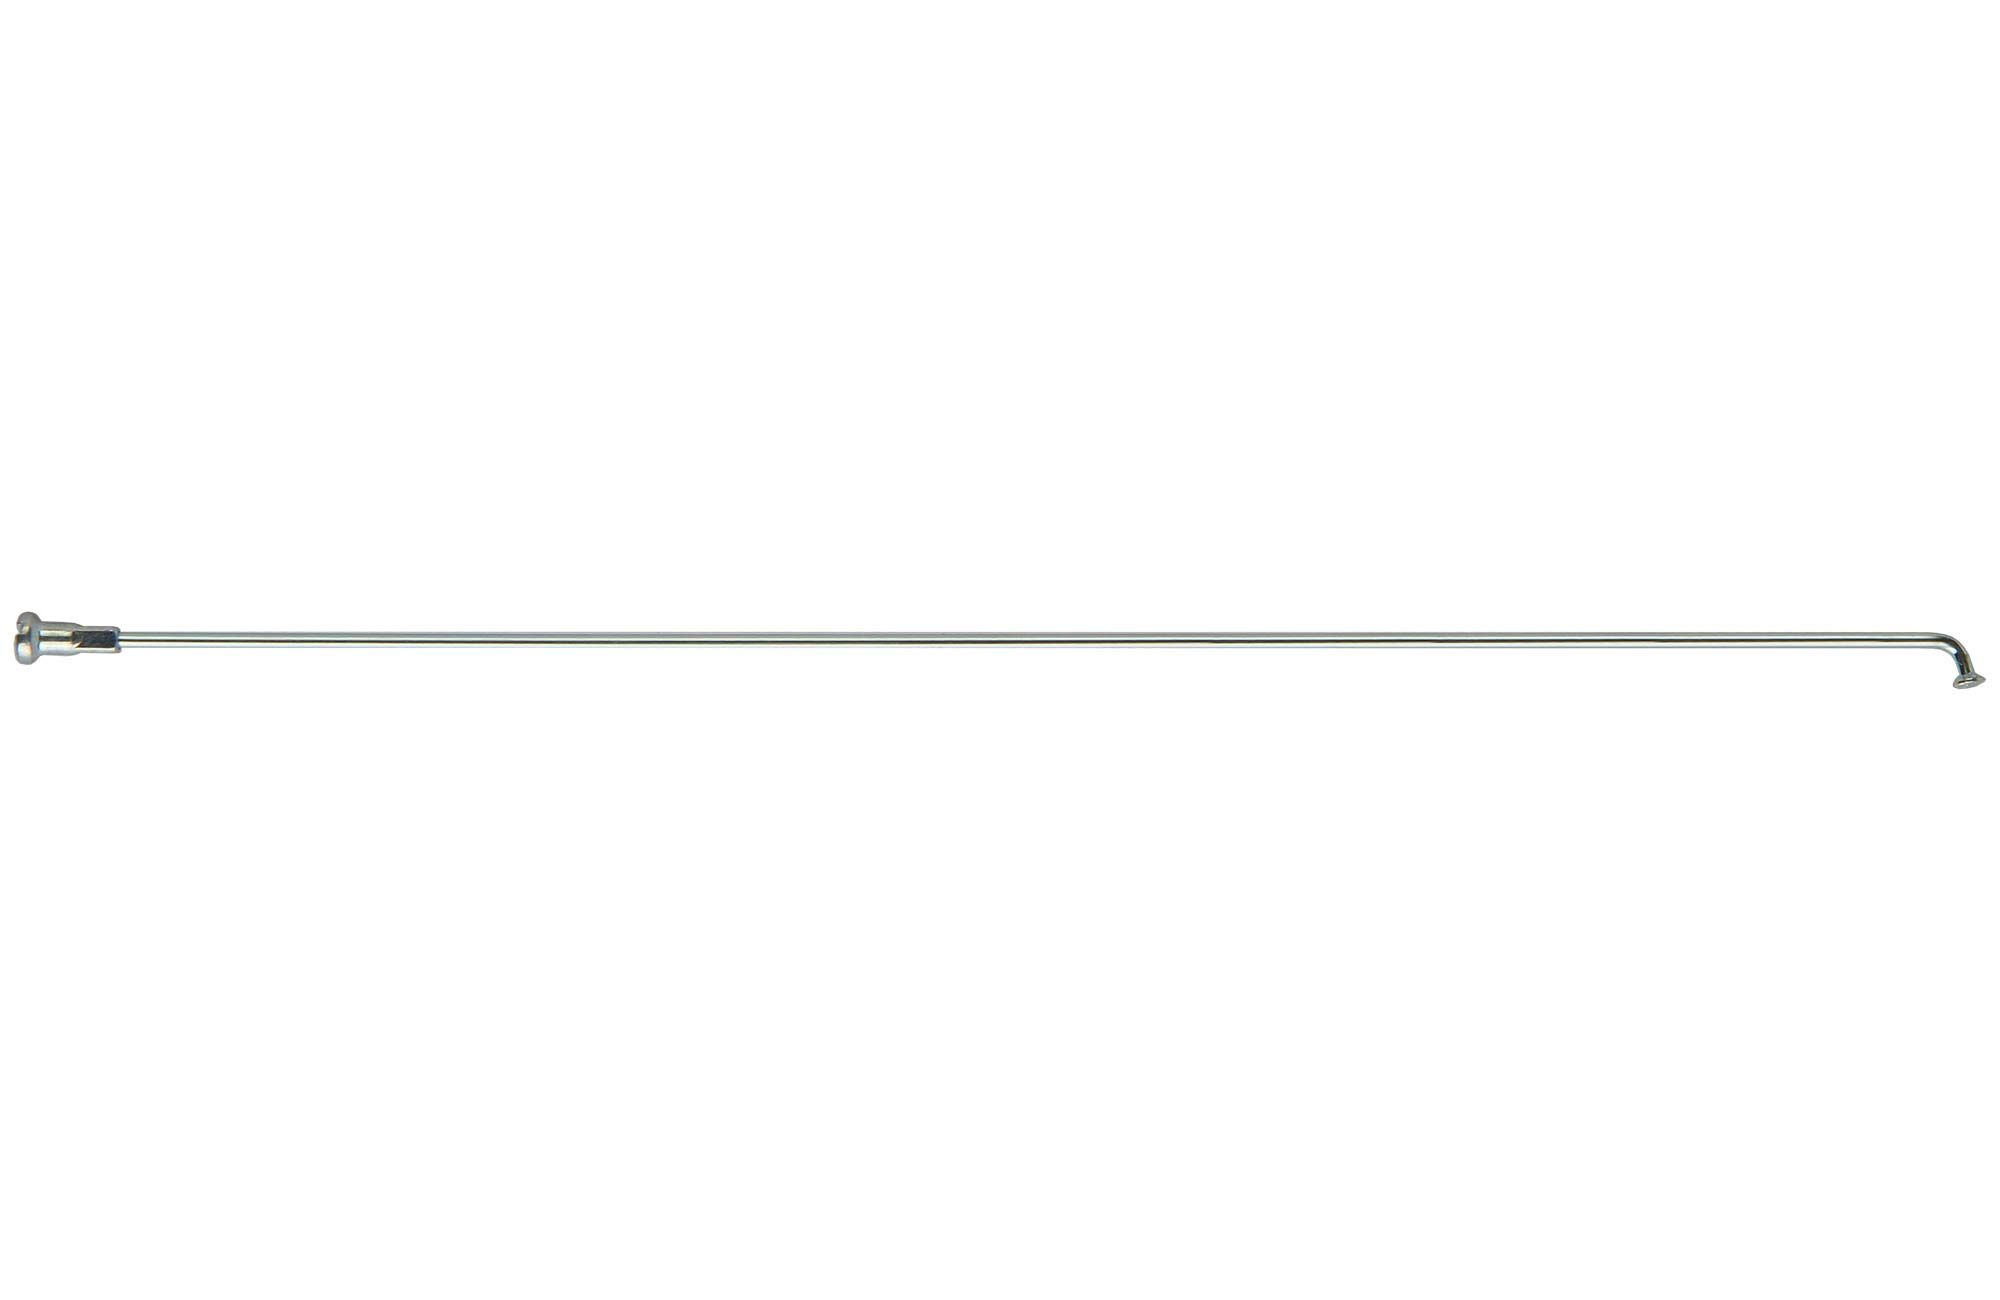 Запчасть Stels спица с ниппелем 262 мм  для задн. колеса 26 запчасть stels с ниппелем 235 мм 24